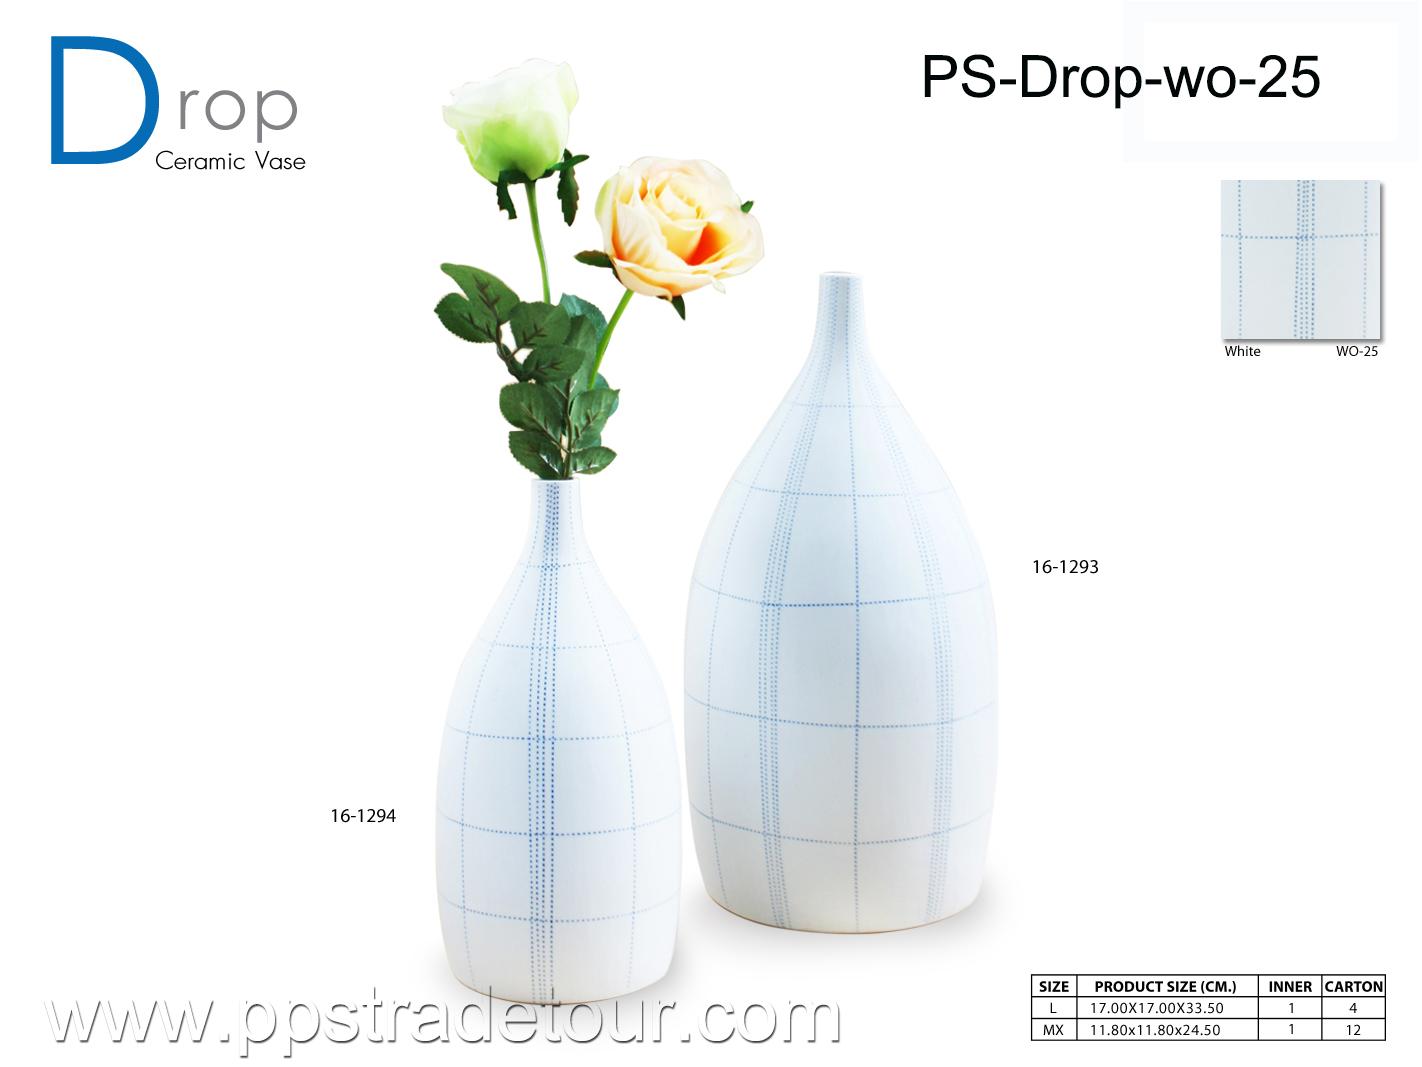 PSCV-drop-wo-25